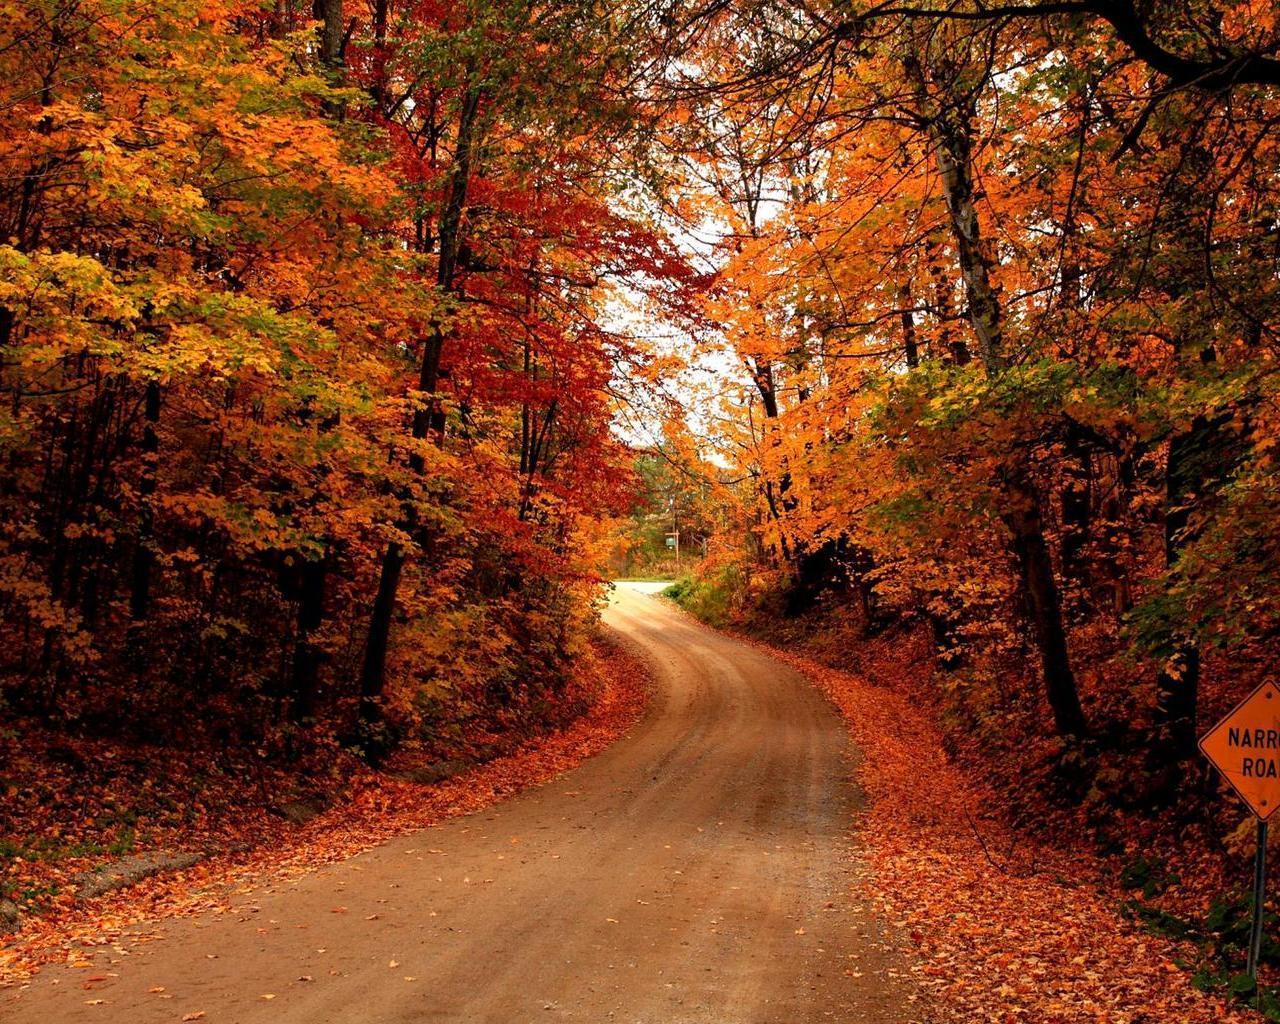 Времена года Осень Дороги - Природа